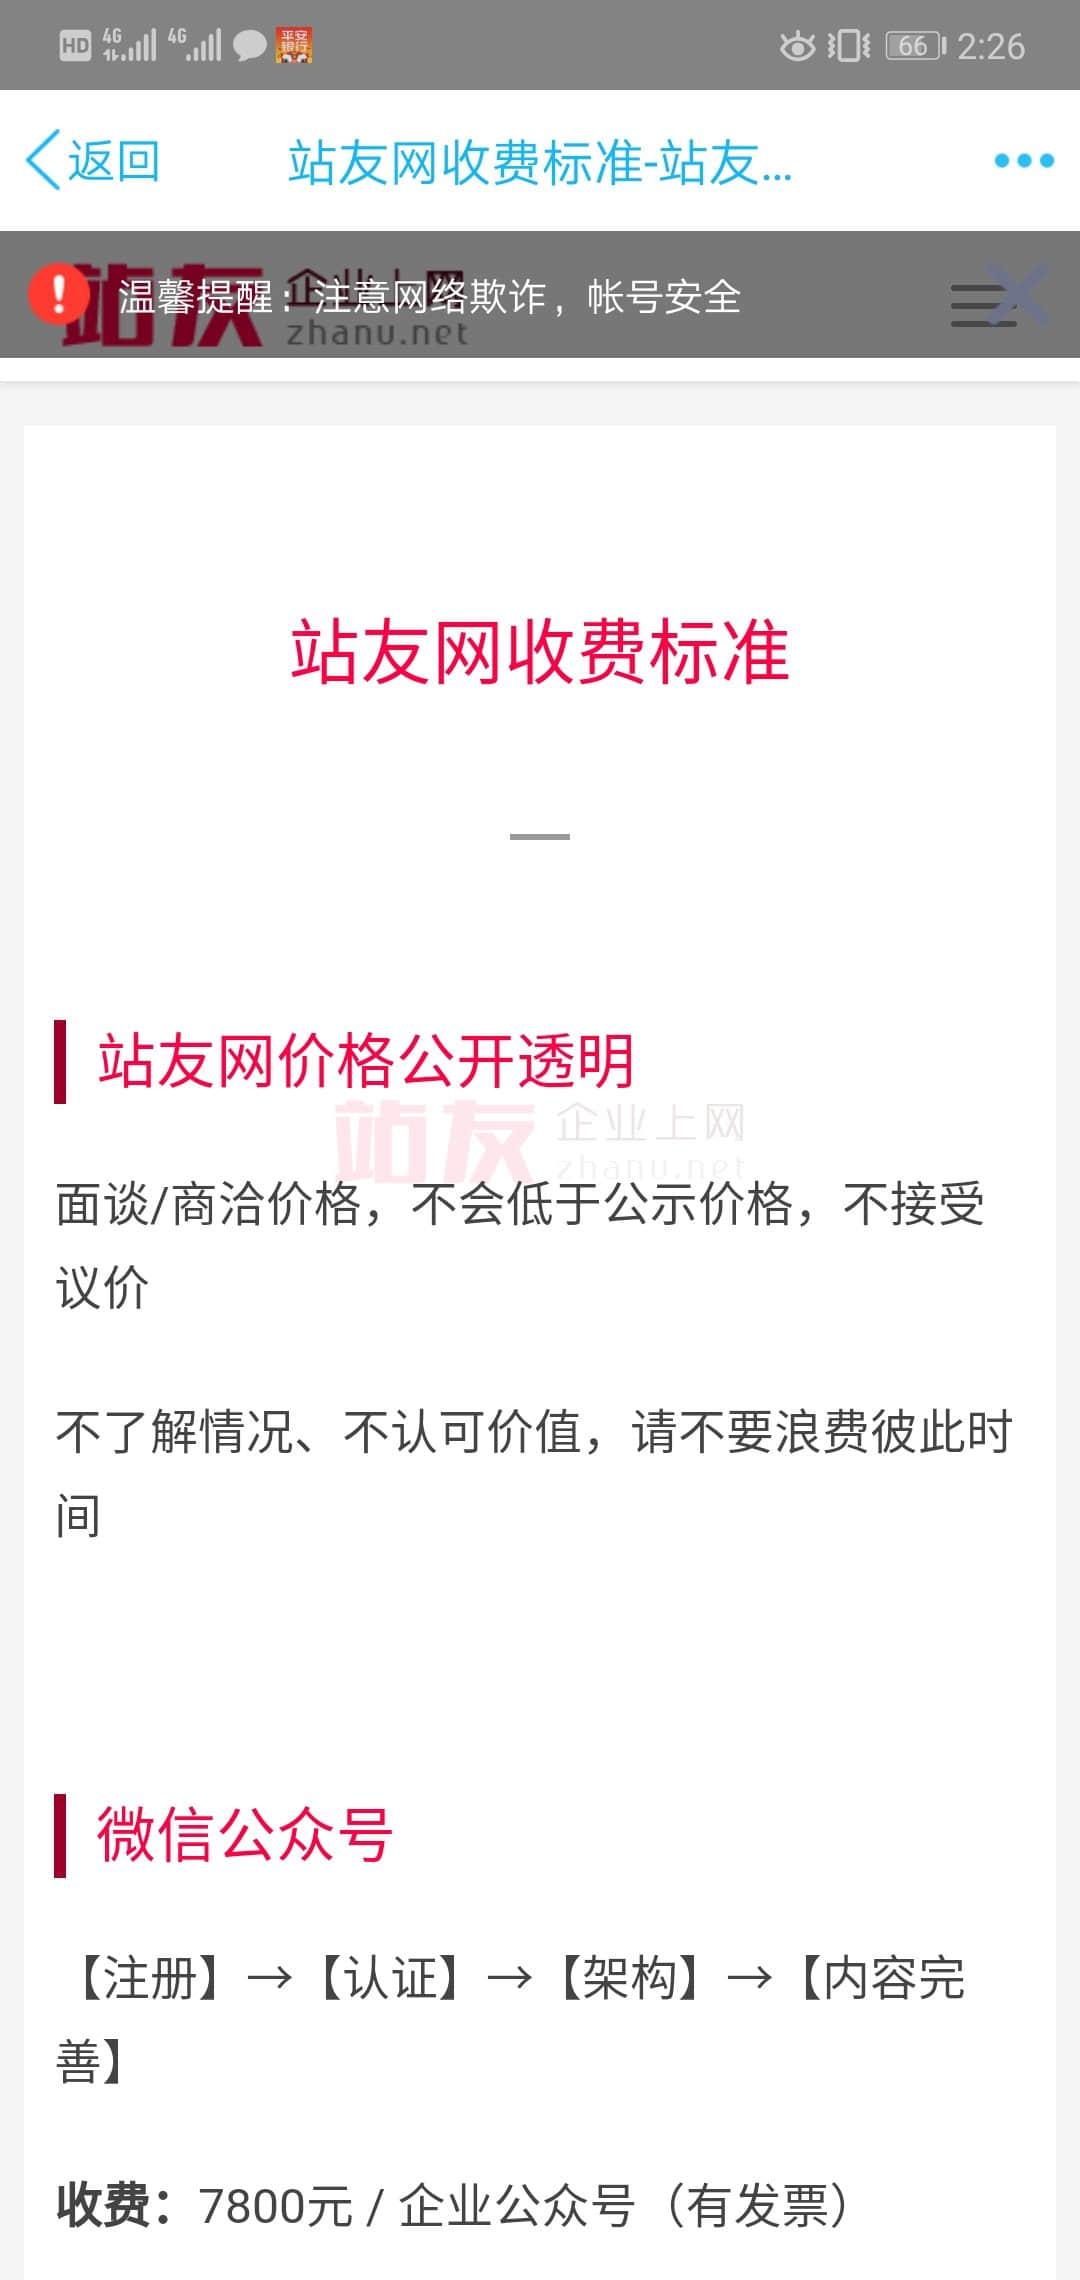 微信访问安全与QQ浏览器安全 – 关闭安全提示